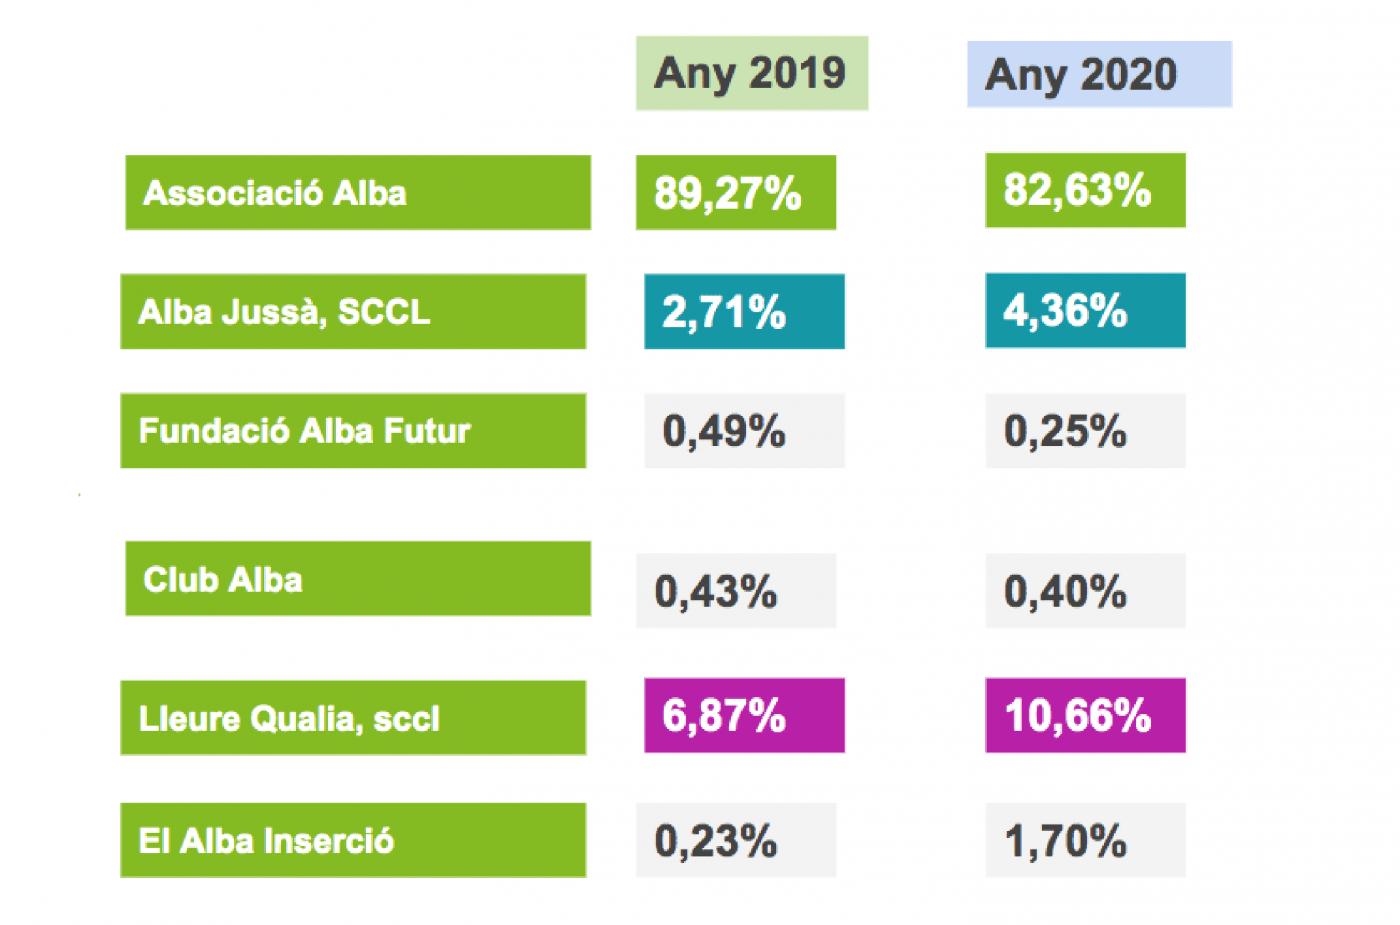 comparativa 2019 2020